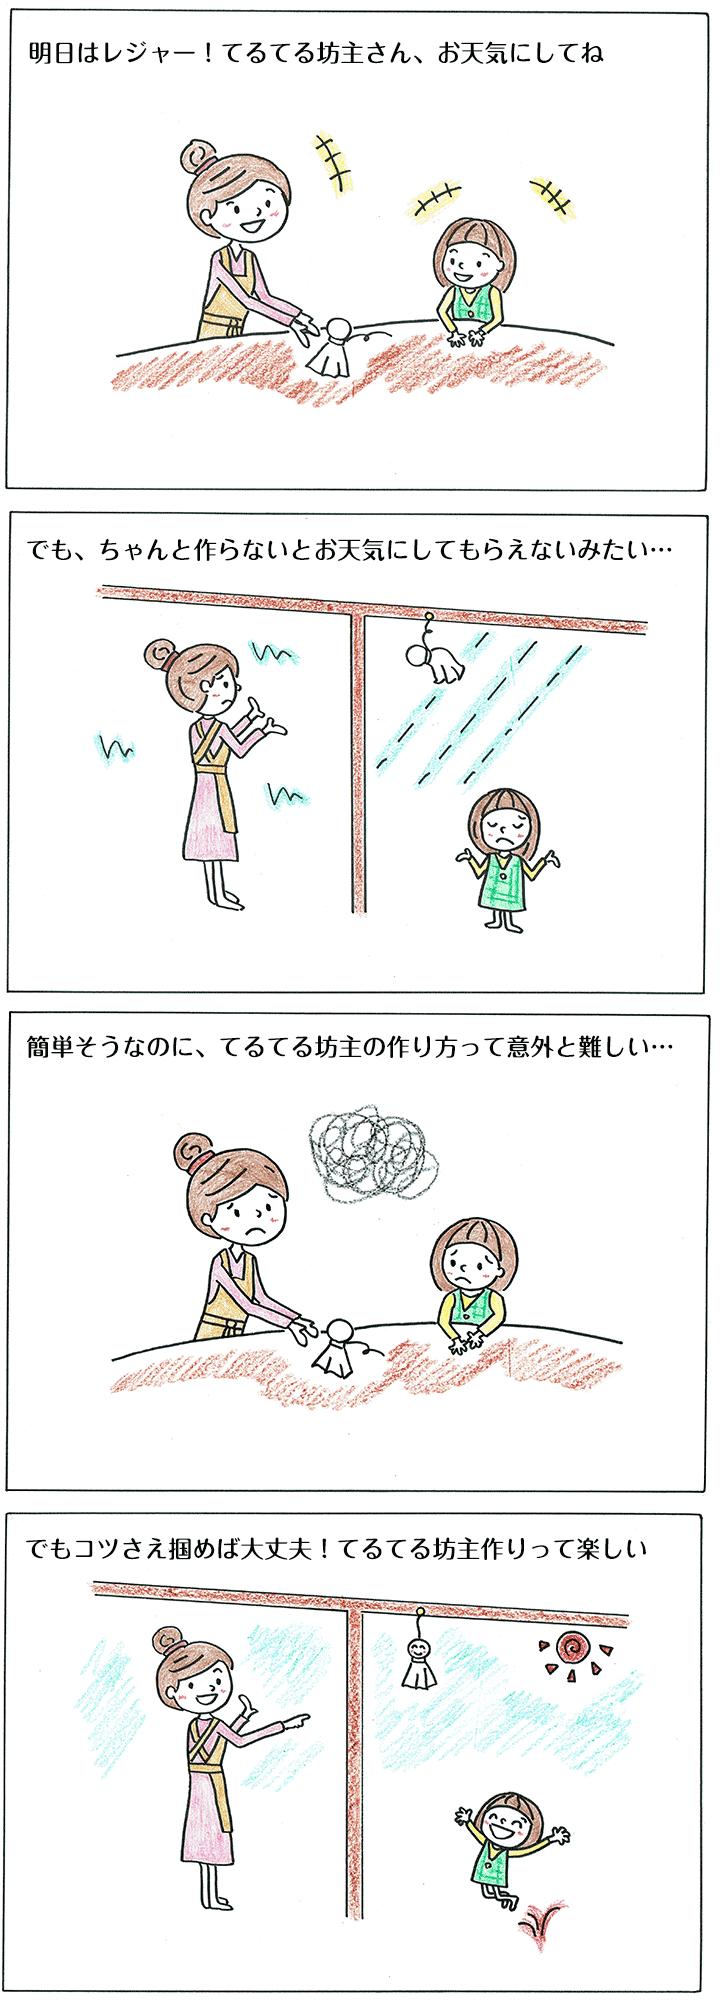 てるてる坊主の作り方の子育て4コマ漫画